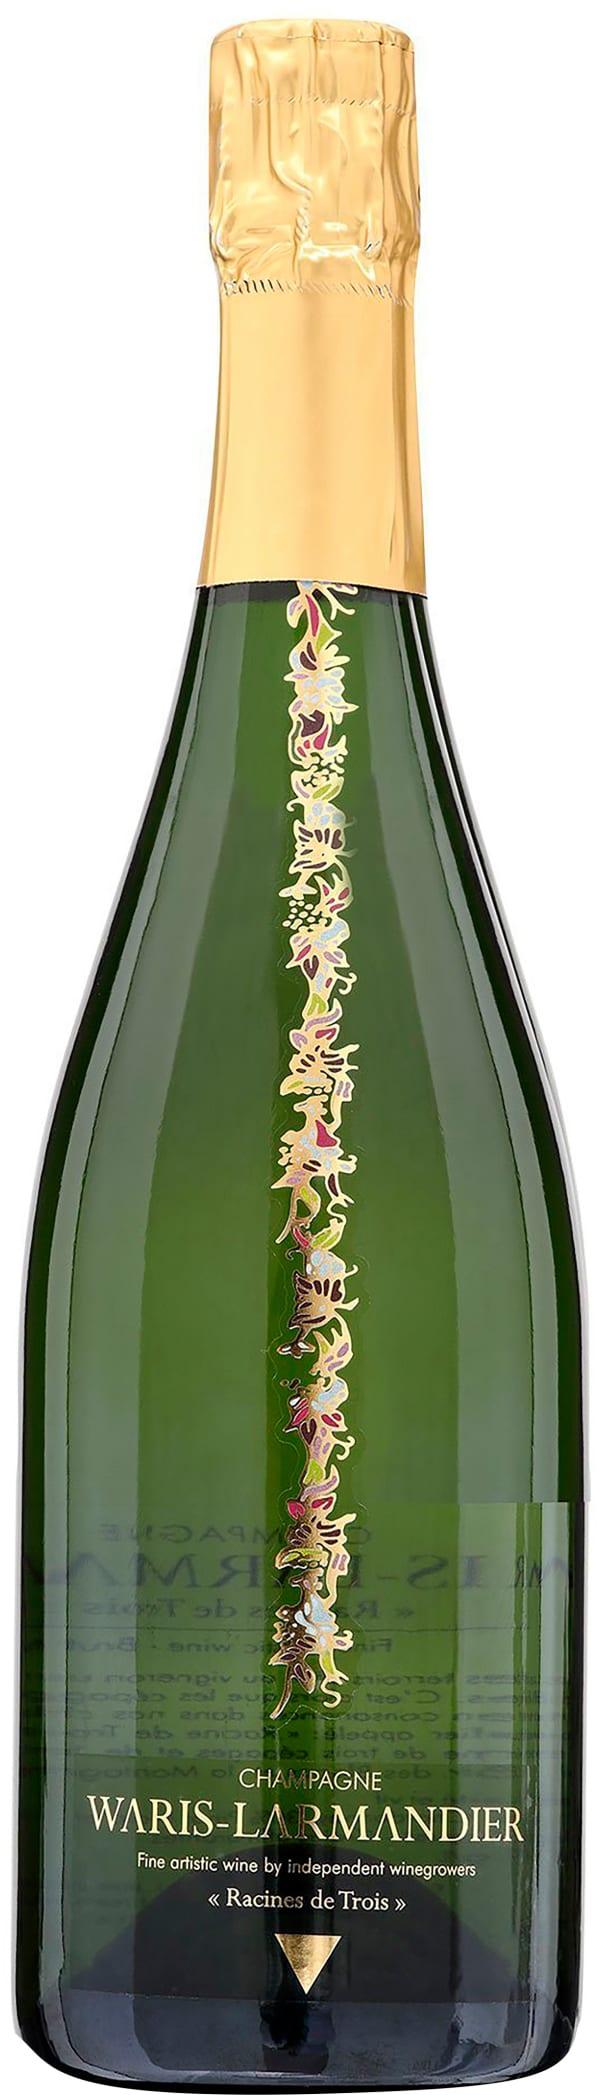 Waris-Larmandier Racines de Trois Champagne Brut